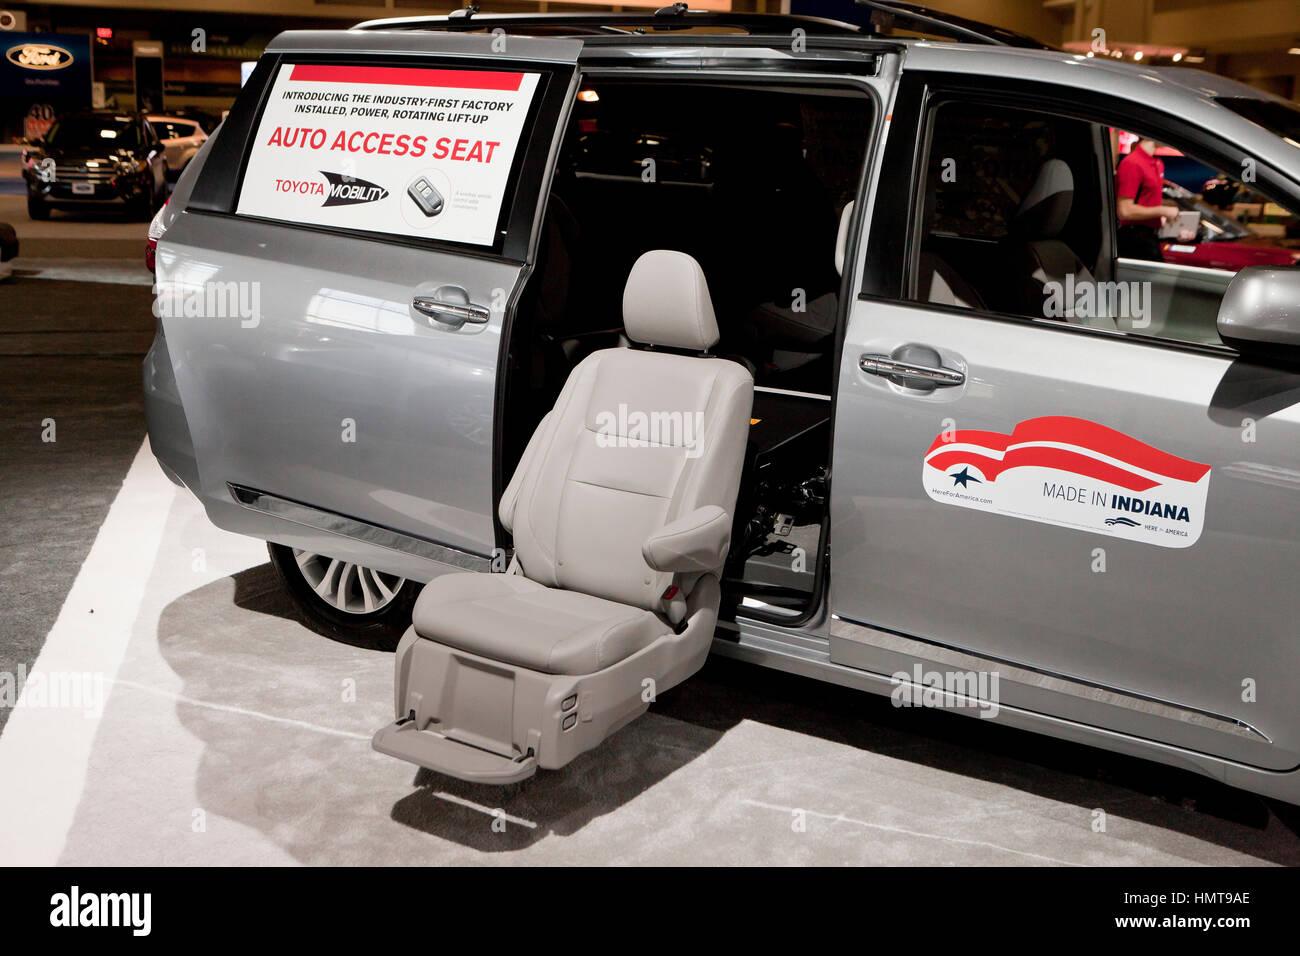 Toyota Mobility Auto Access Seat in Sienna minivan display at 2017 Washington Auto Show - Washington, DC USA - Stock Image